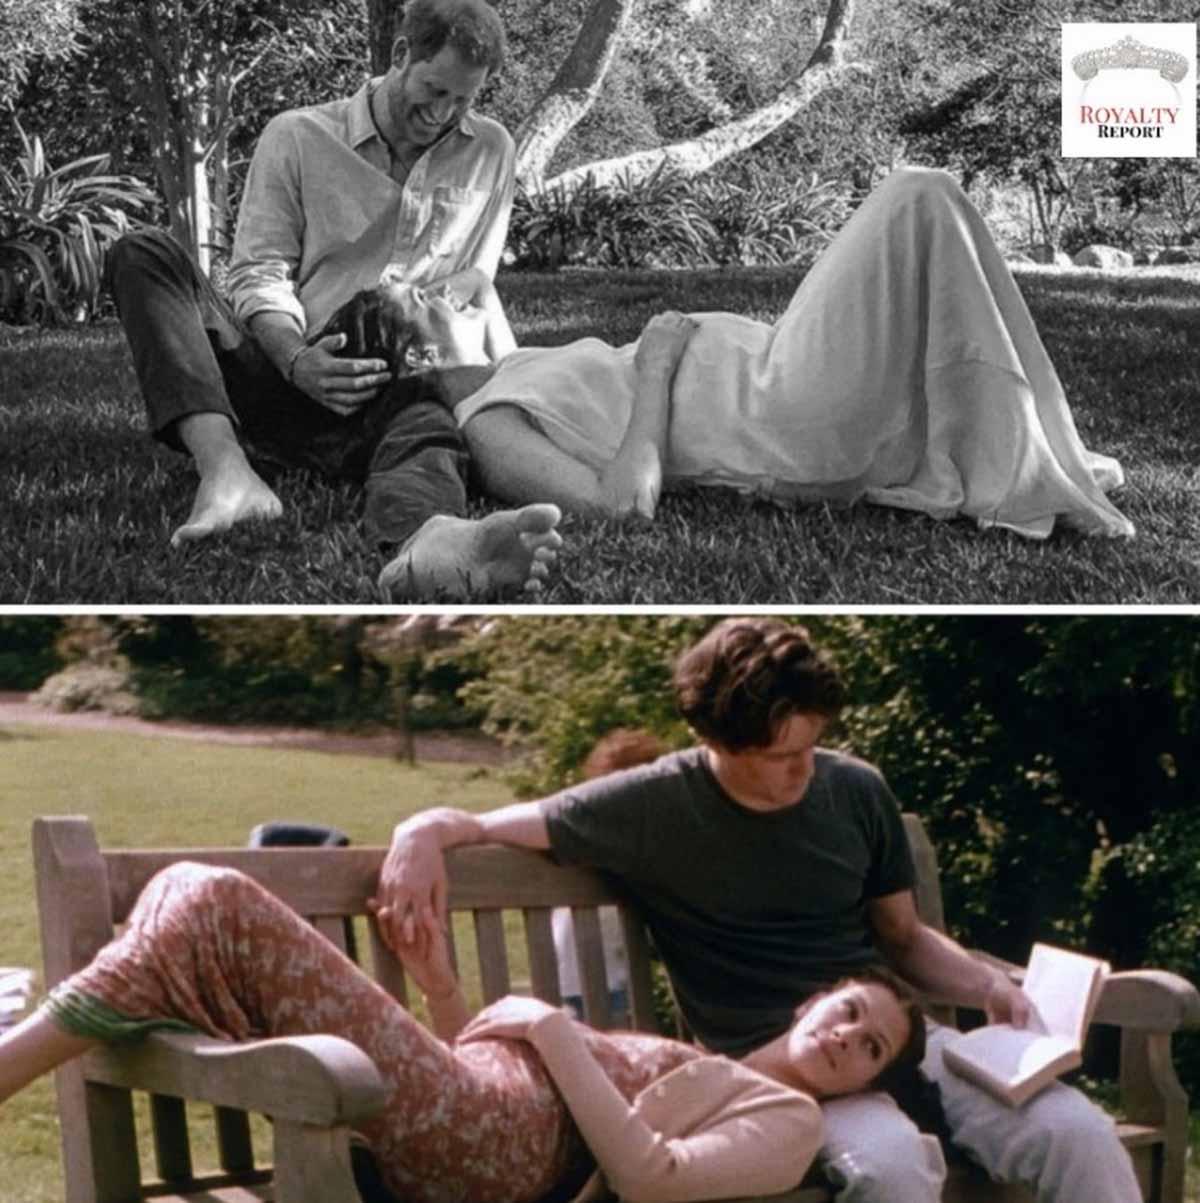 Los memes más divertidos sobre el embarazo de Meghan Markle y el príncipe Harry 1